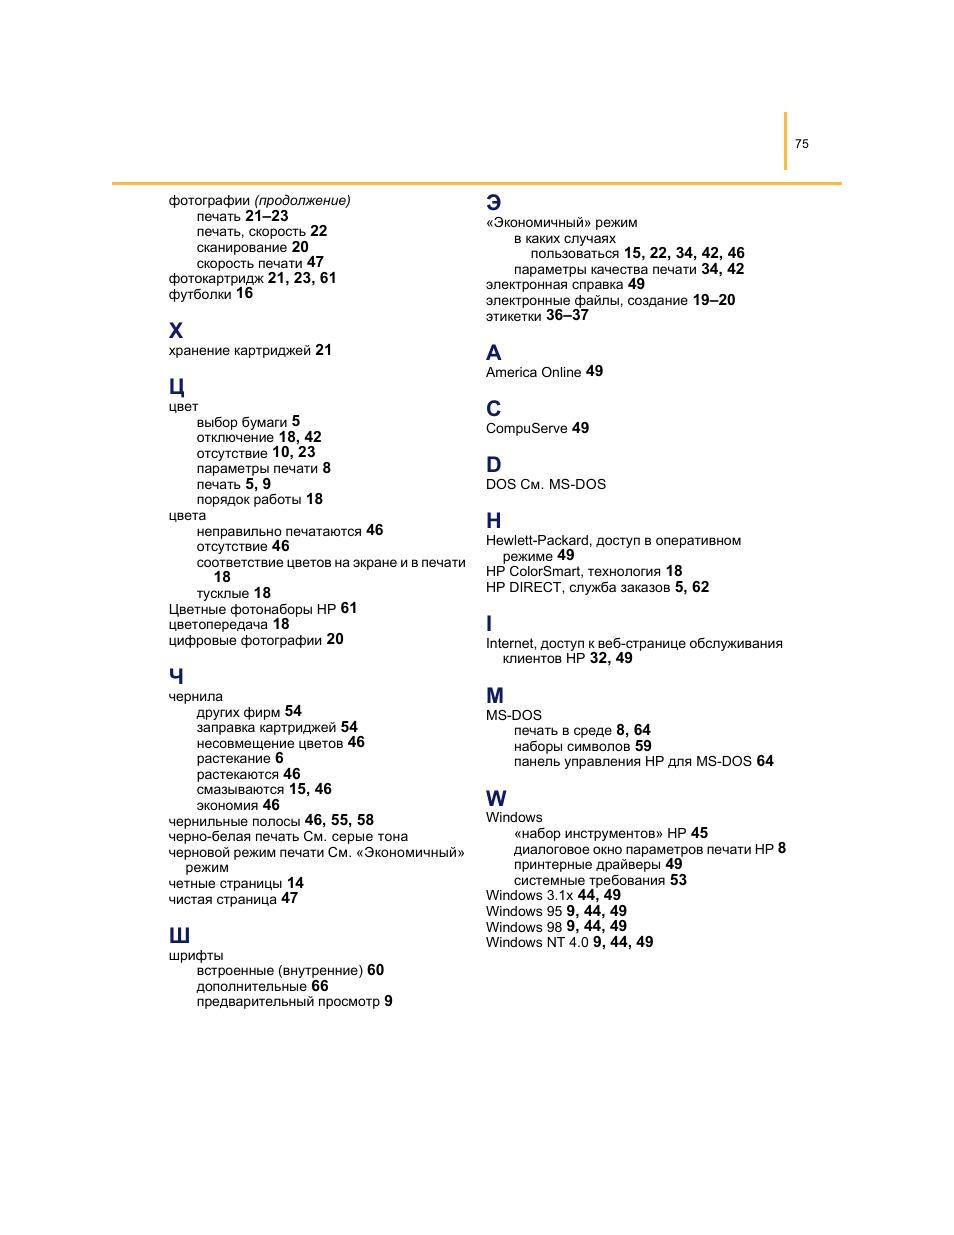 Инструкция по эксплуатации HP Принтер HP Deskjet 695c